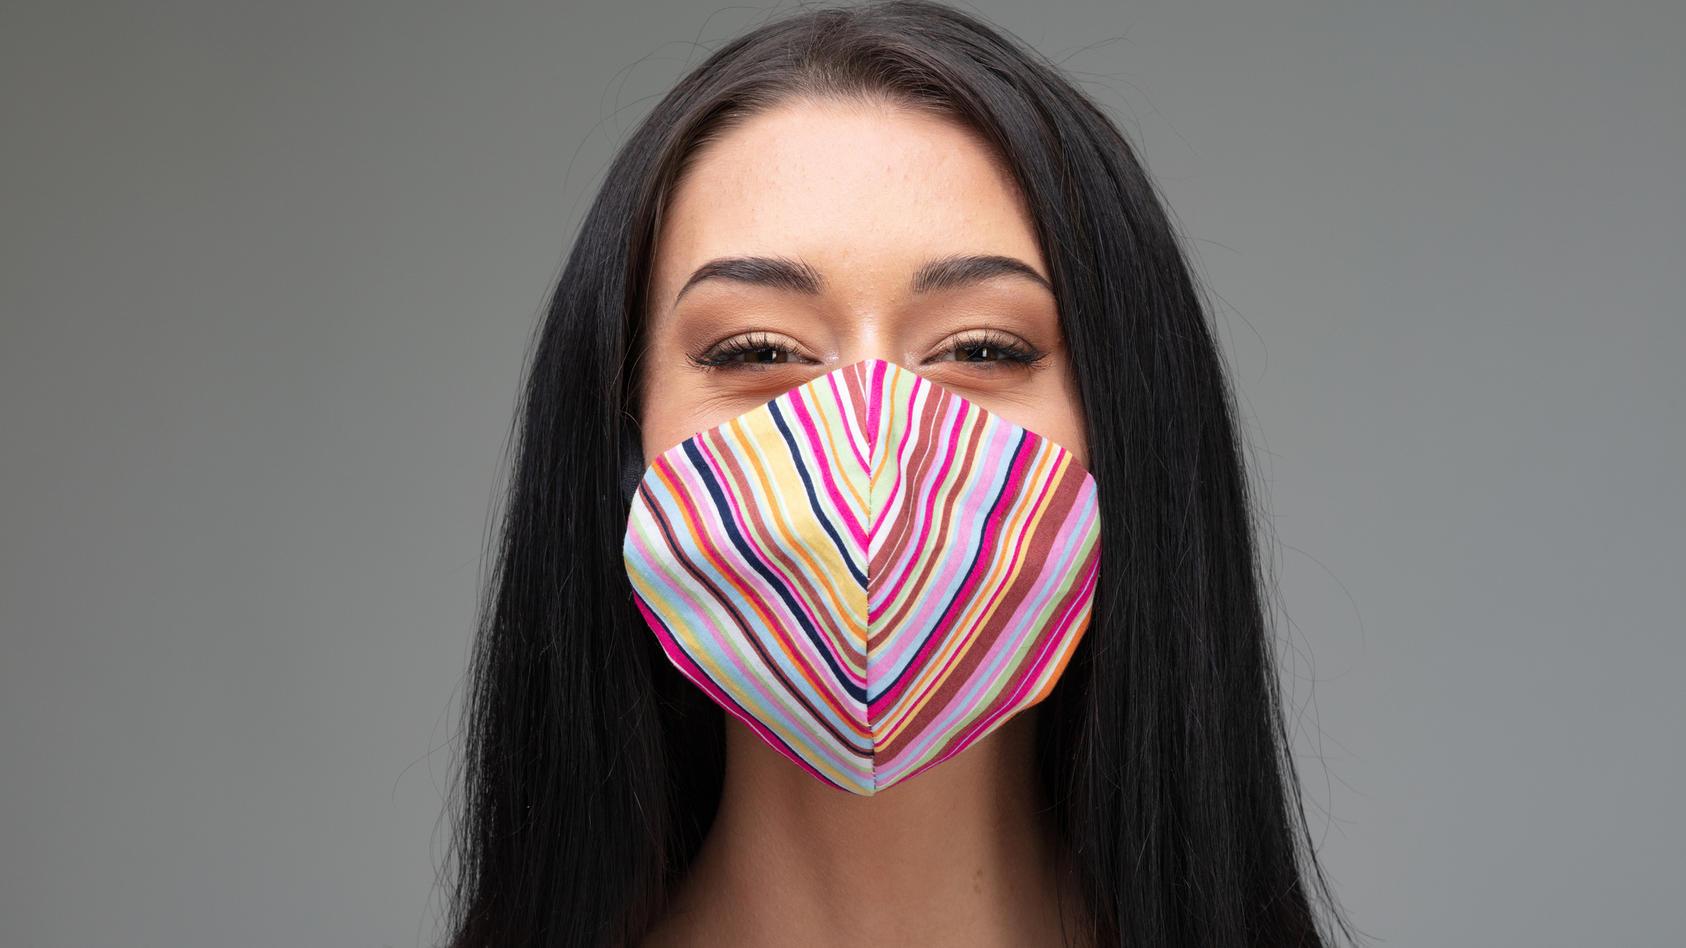 Versteckt sie ein freundliches Lachen hinter der Maske? Die Augen zeigen es!